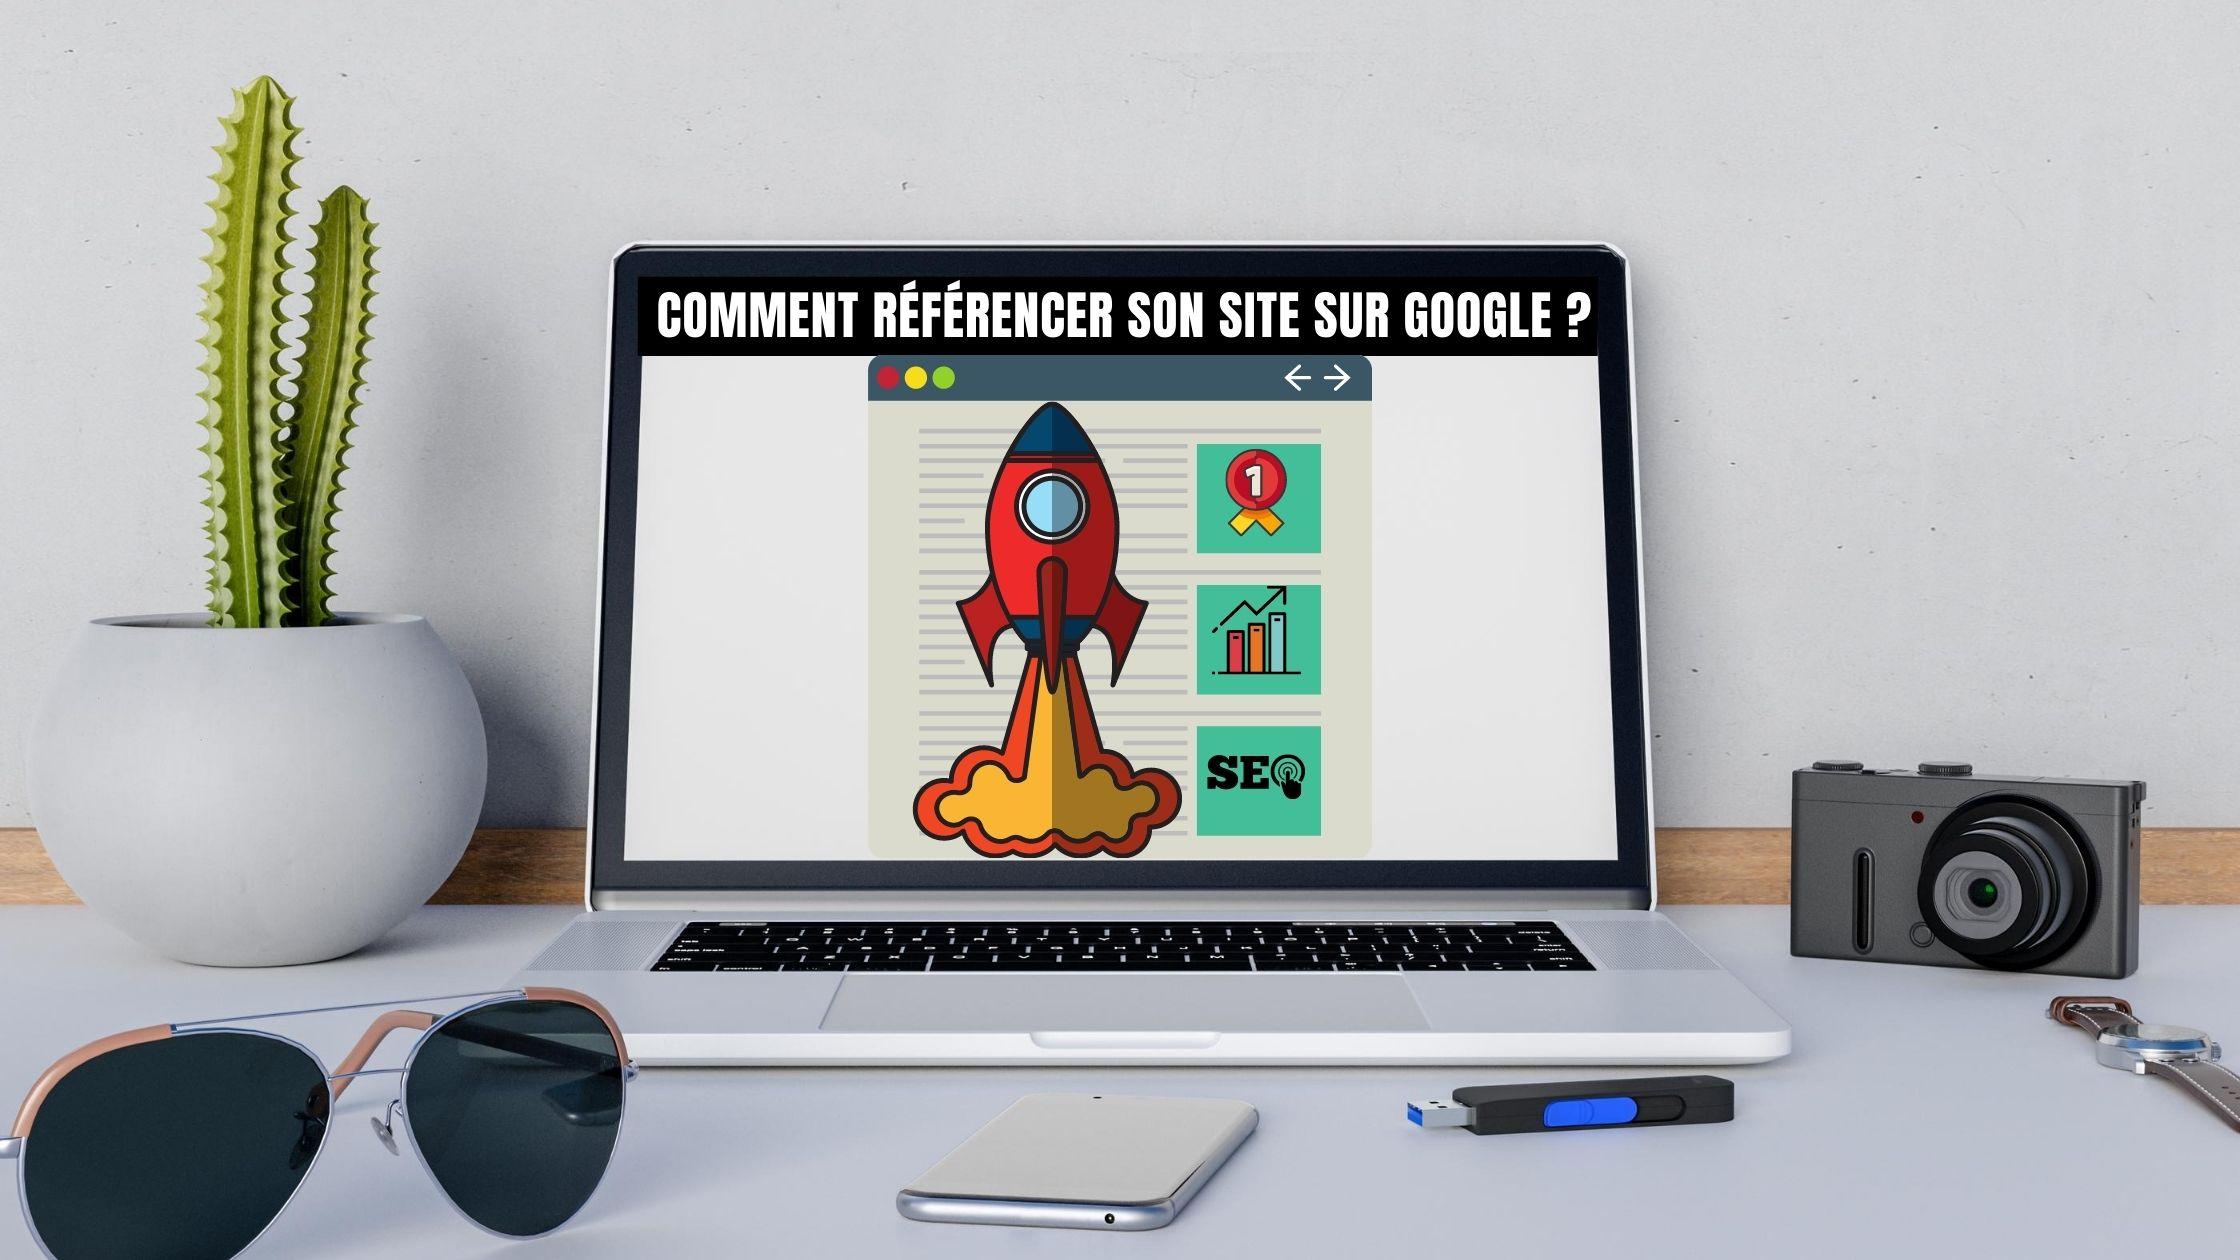 mieu référencer son site sur Google